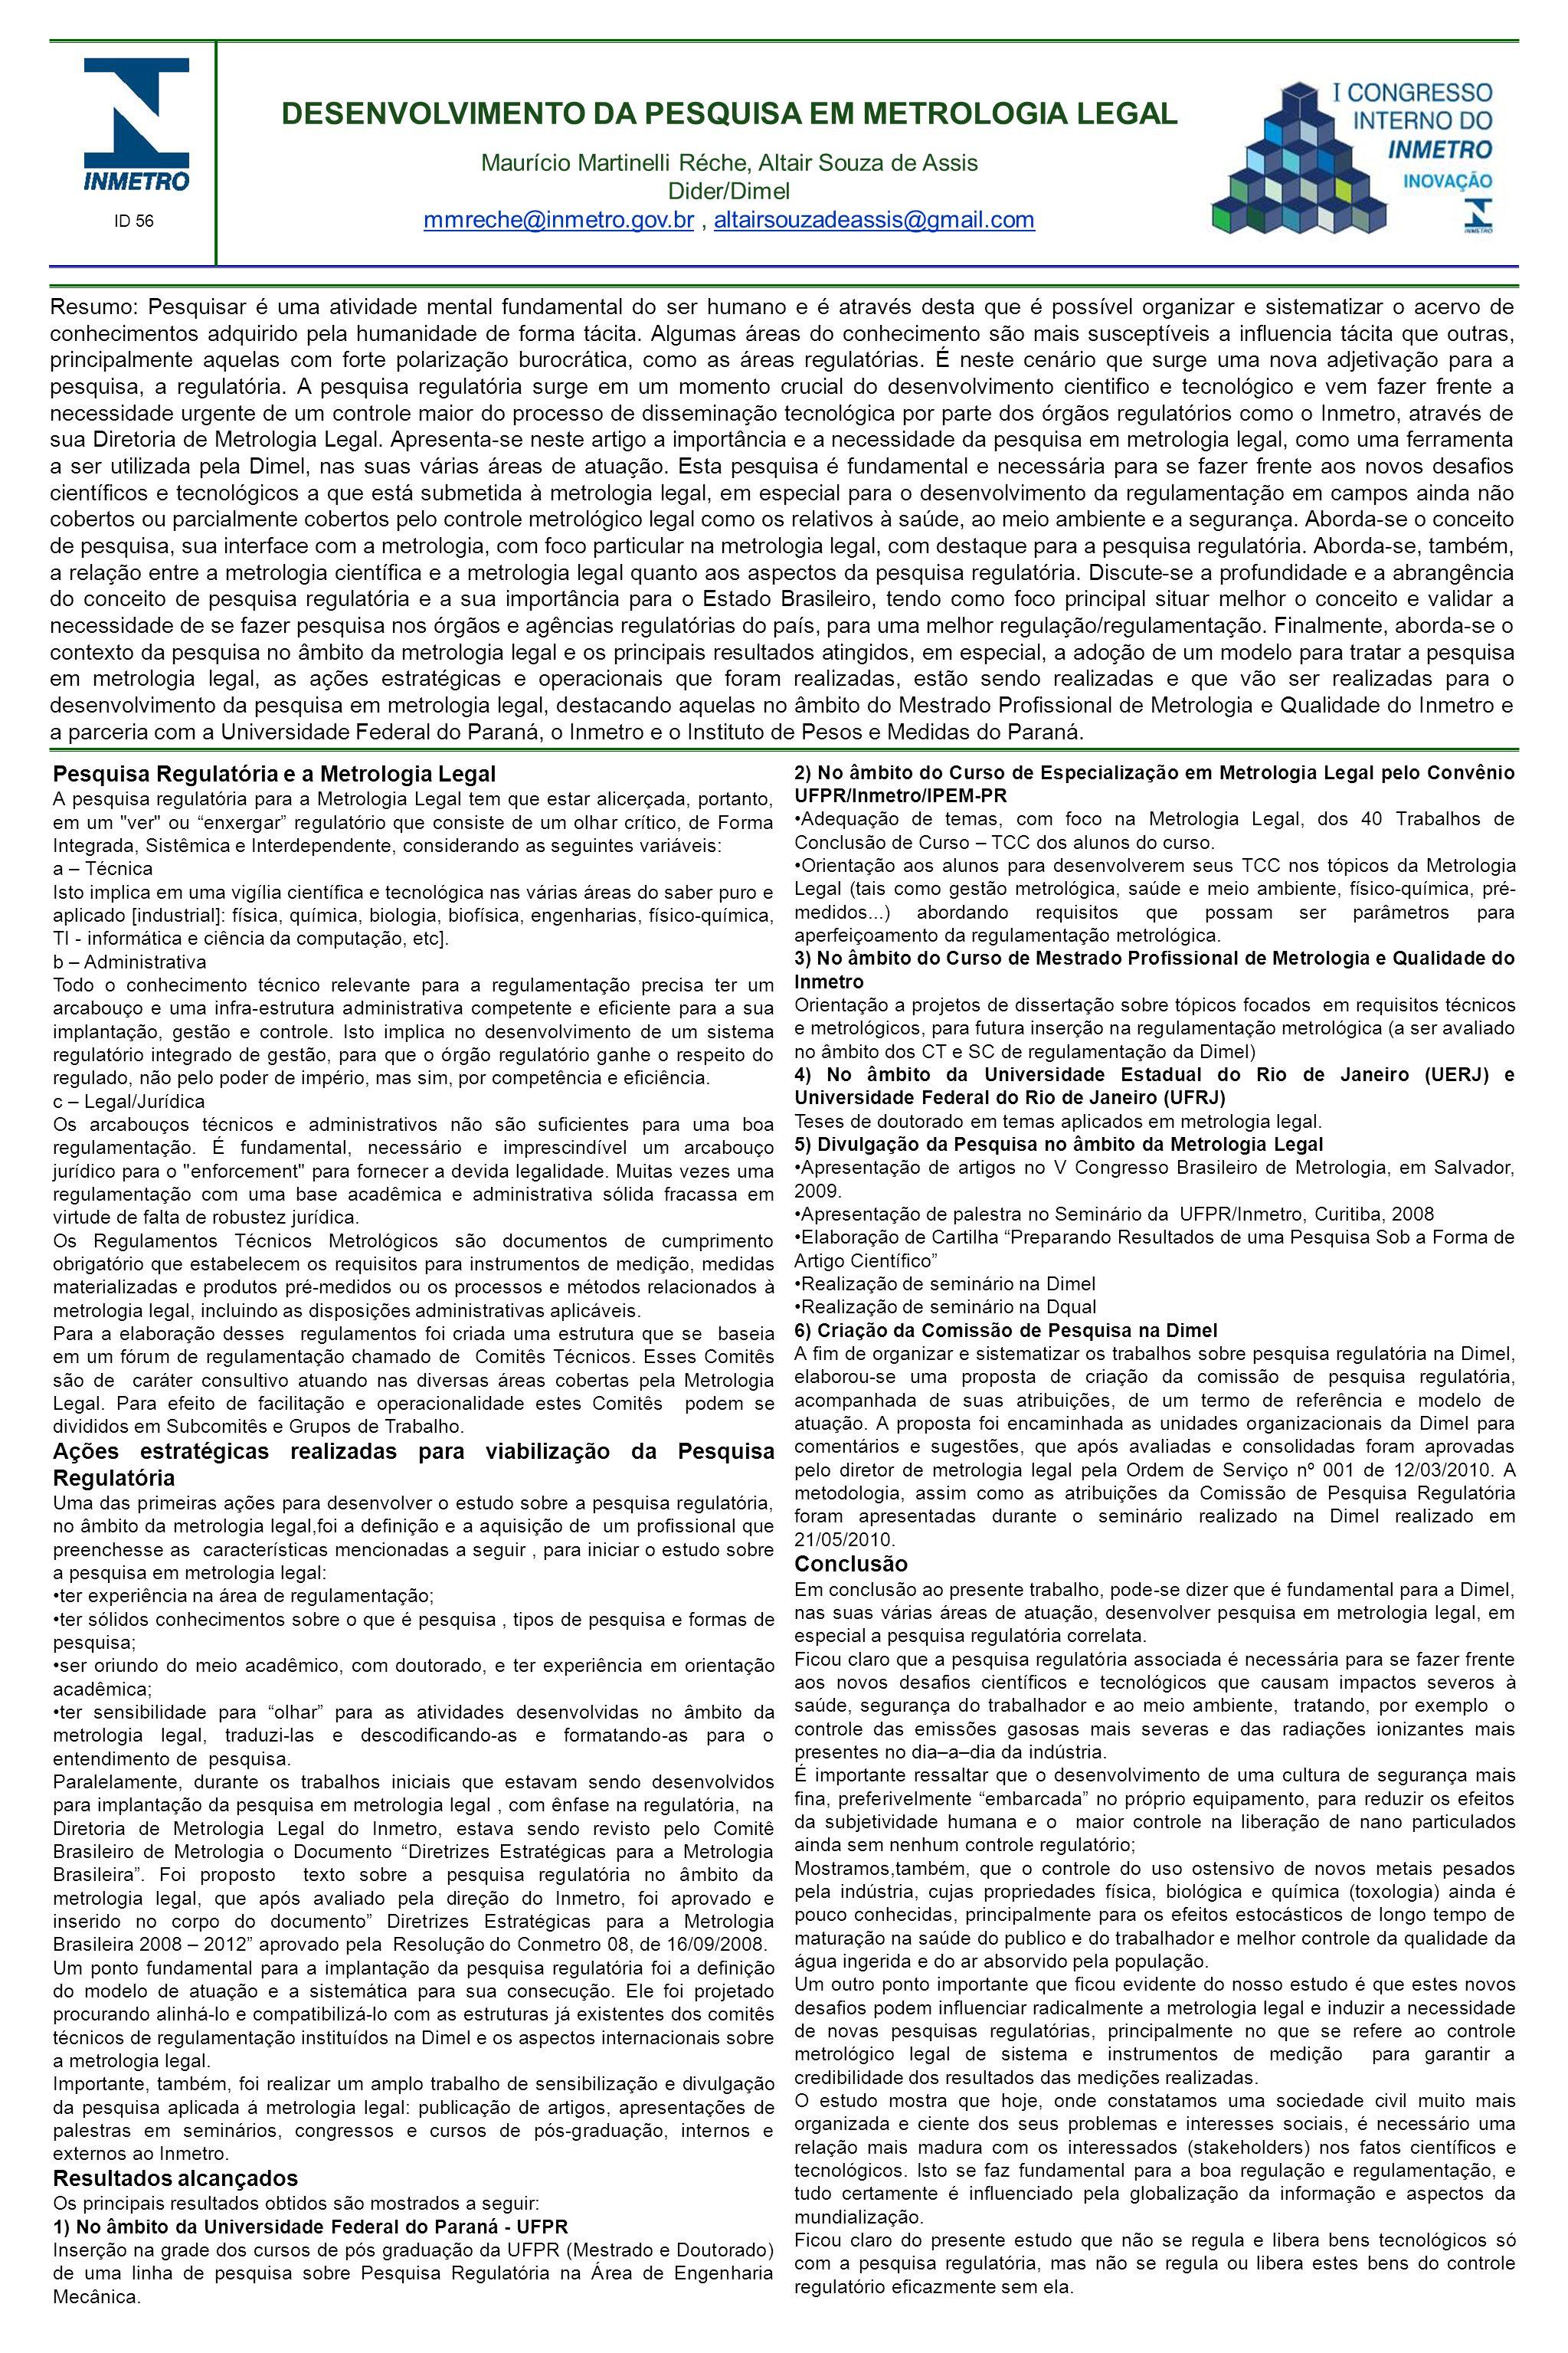 Pesquisa Regulatória e a Metrologia Legal A pesquisa regulatória para a Metrologia Legal tem que estar alicerçada, portanto, em um